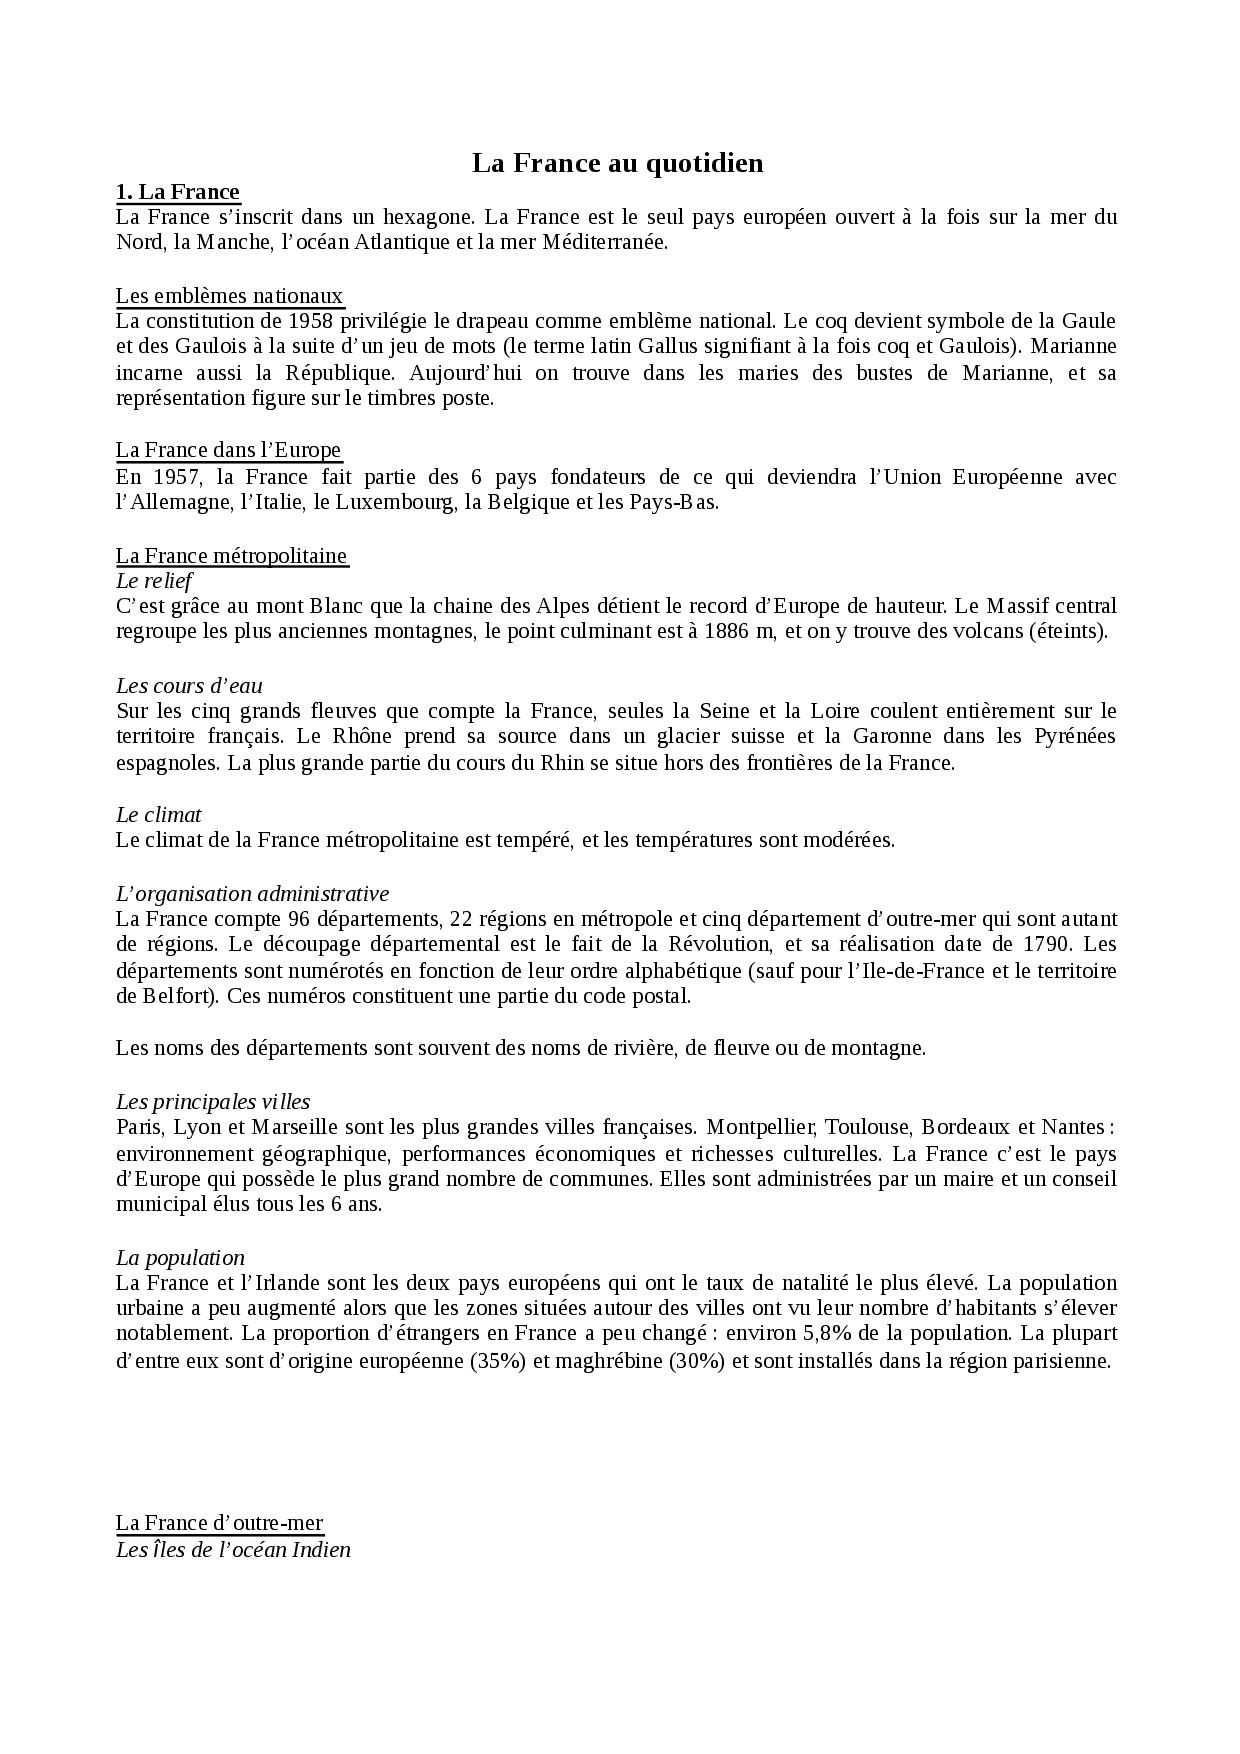 La France Au Quotidien - Docsity avec Les 22 Régions De France Métropolitaine